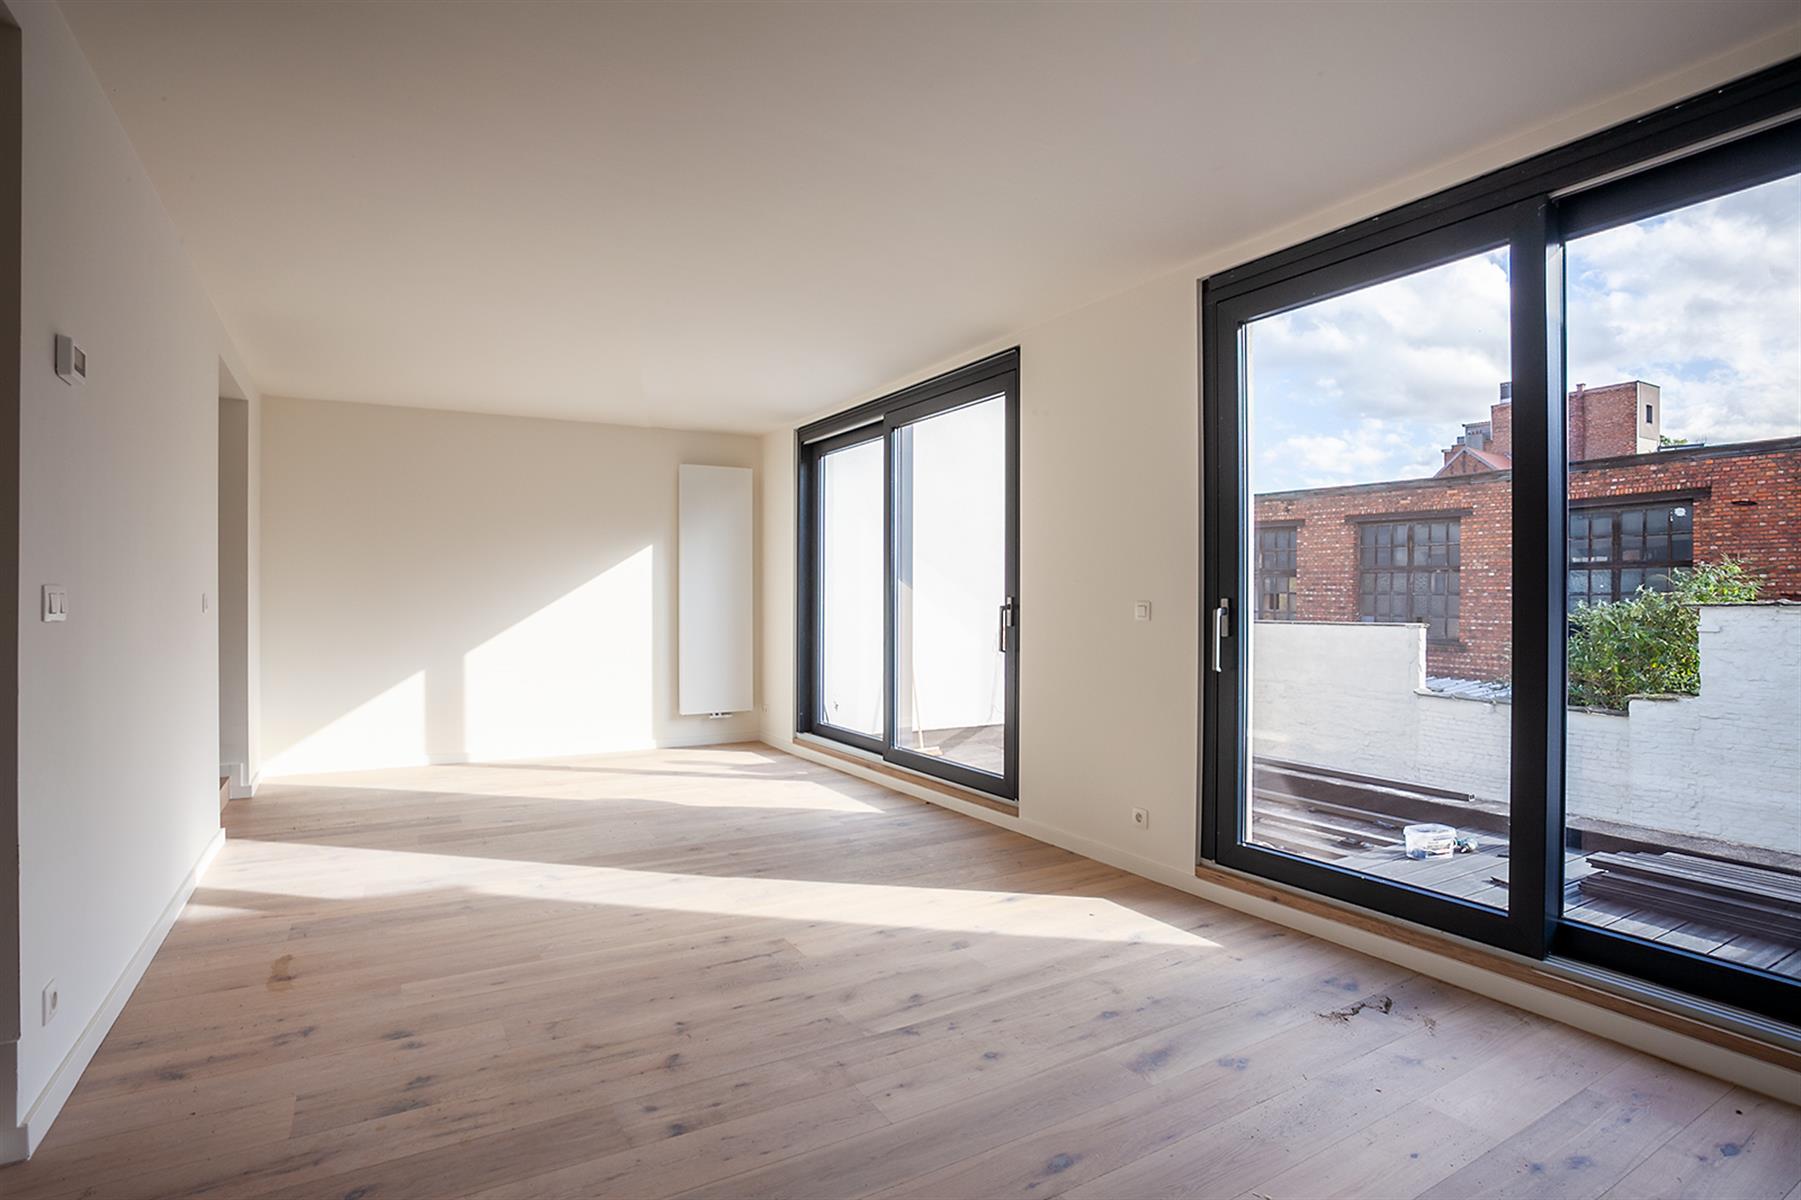 2-slaapkamer appartement met groot terras.